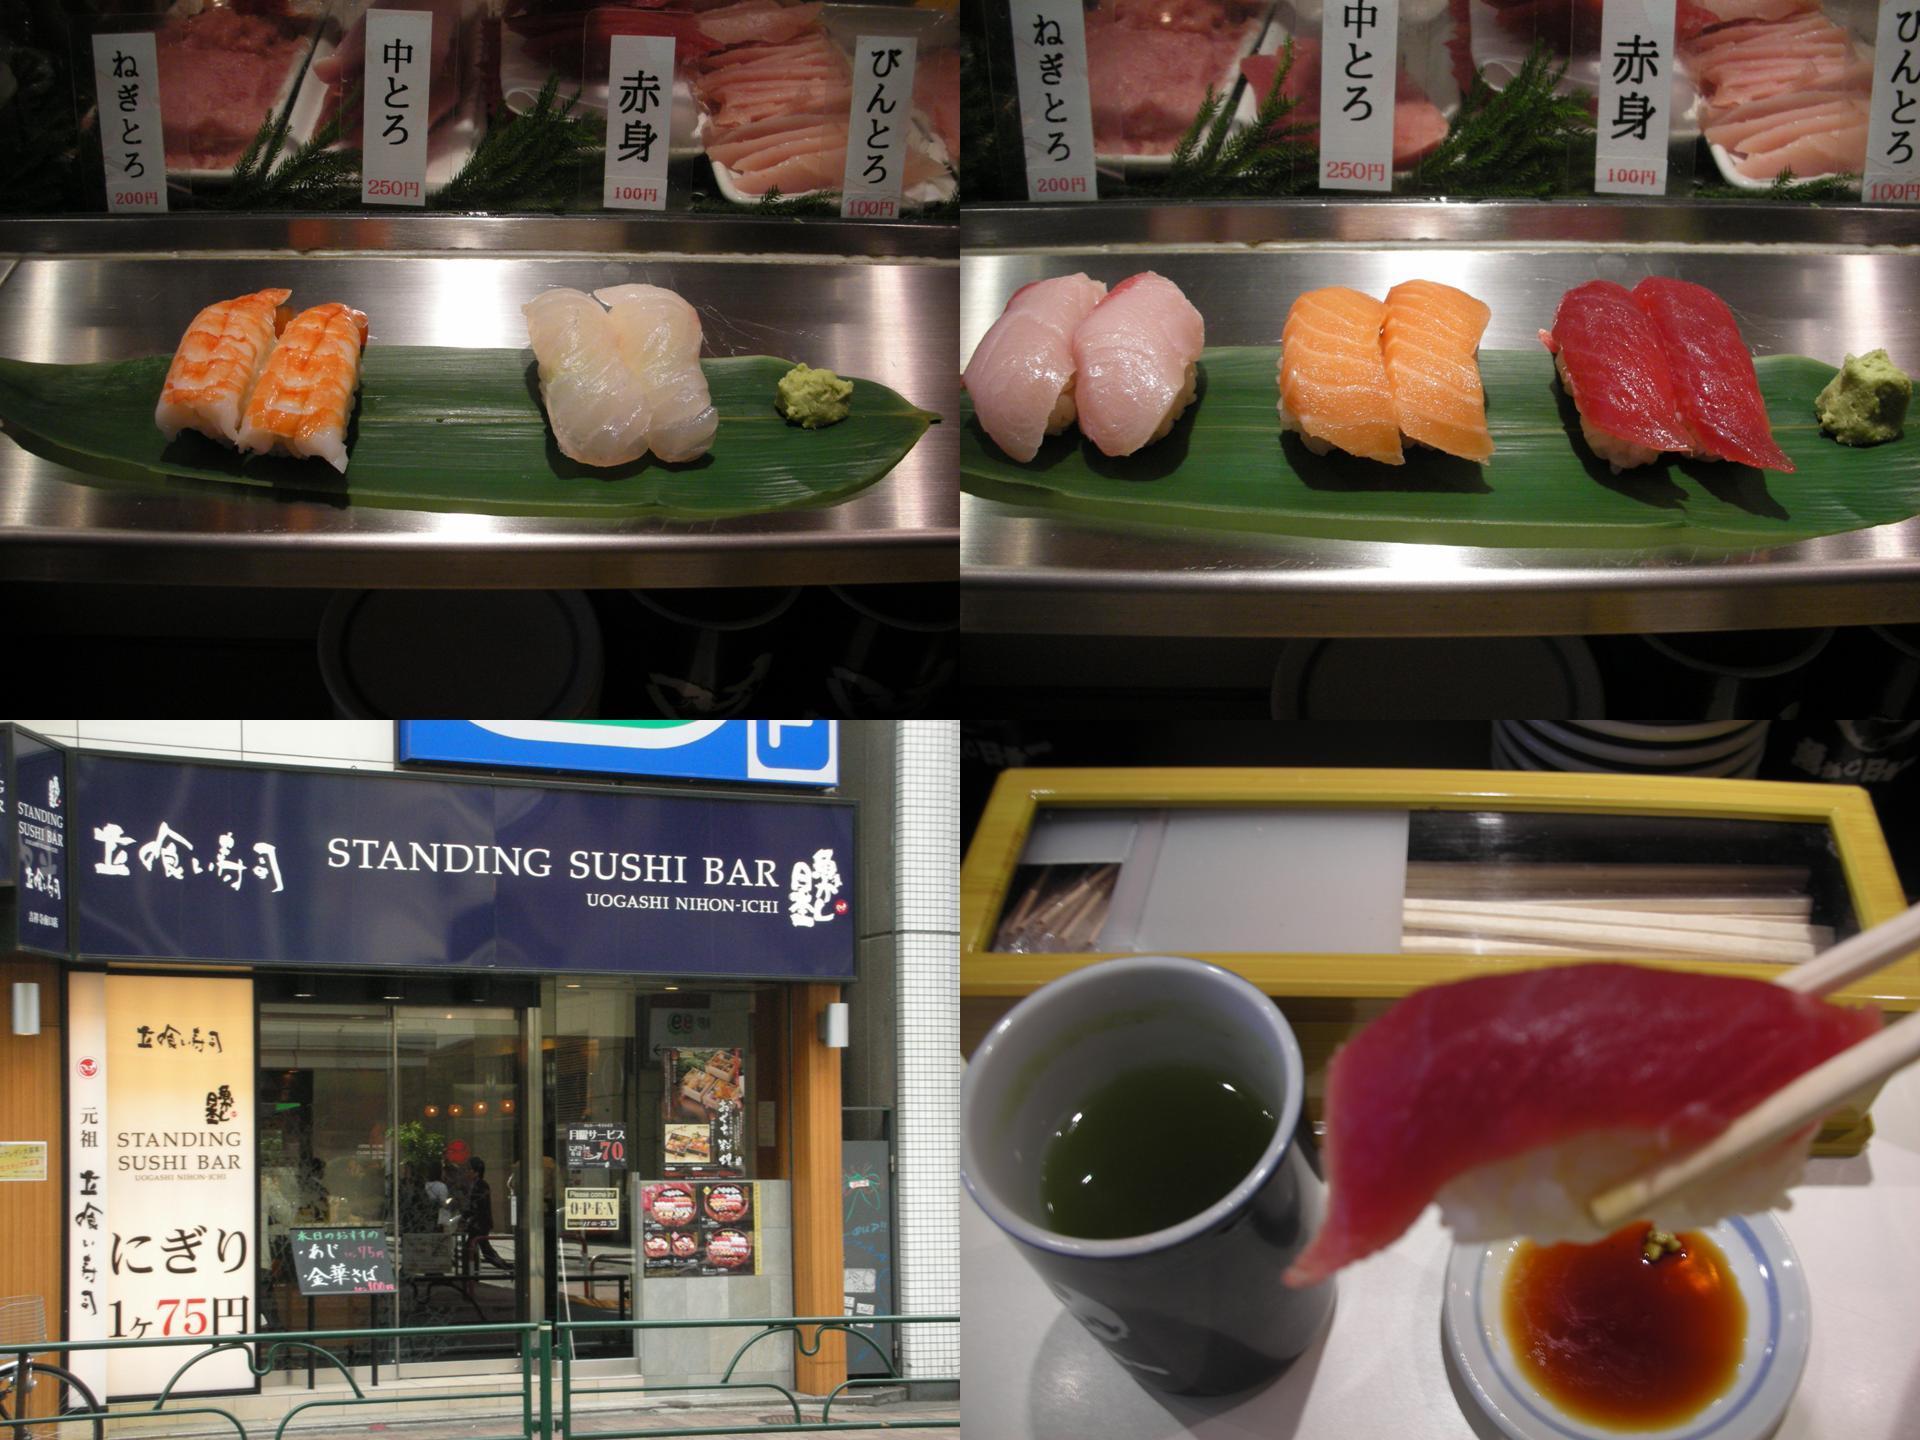 2007/11東京單人行D3-2~青山Qu'it fait bon&銀座夏野筷子店 @右上的世界食旅